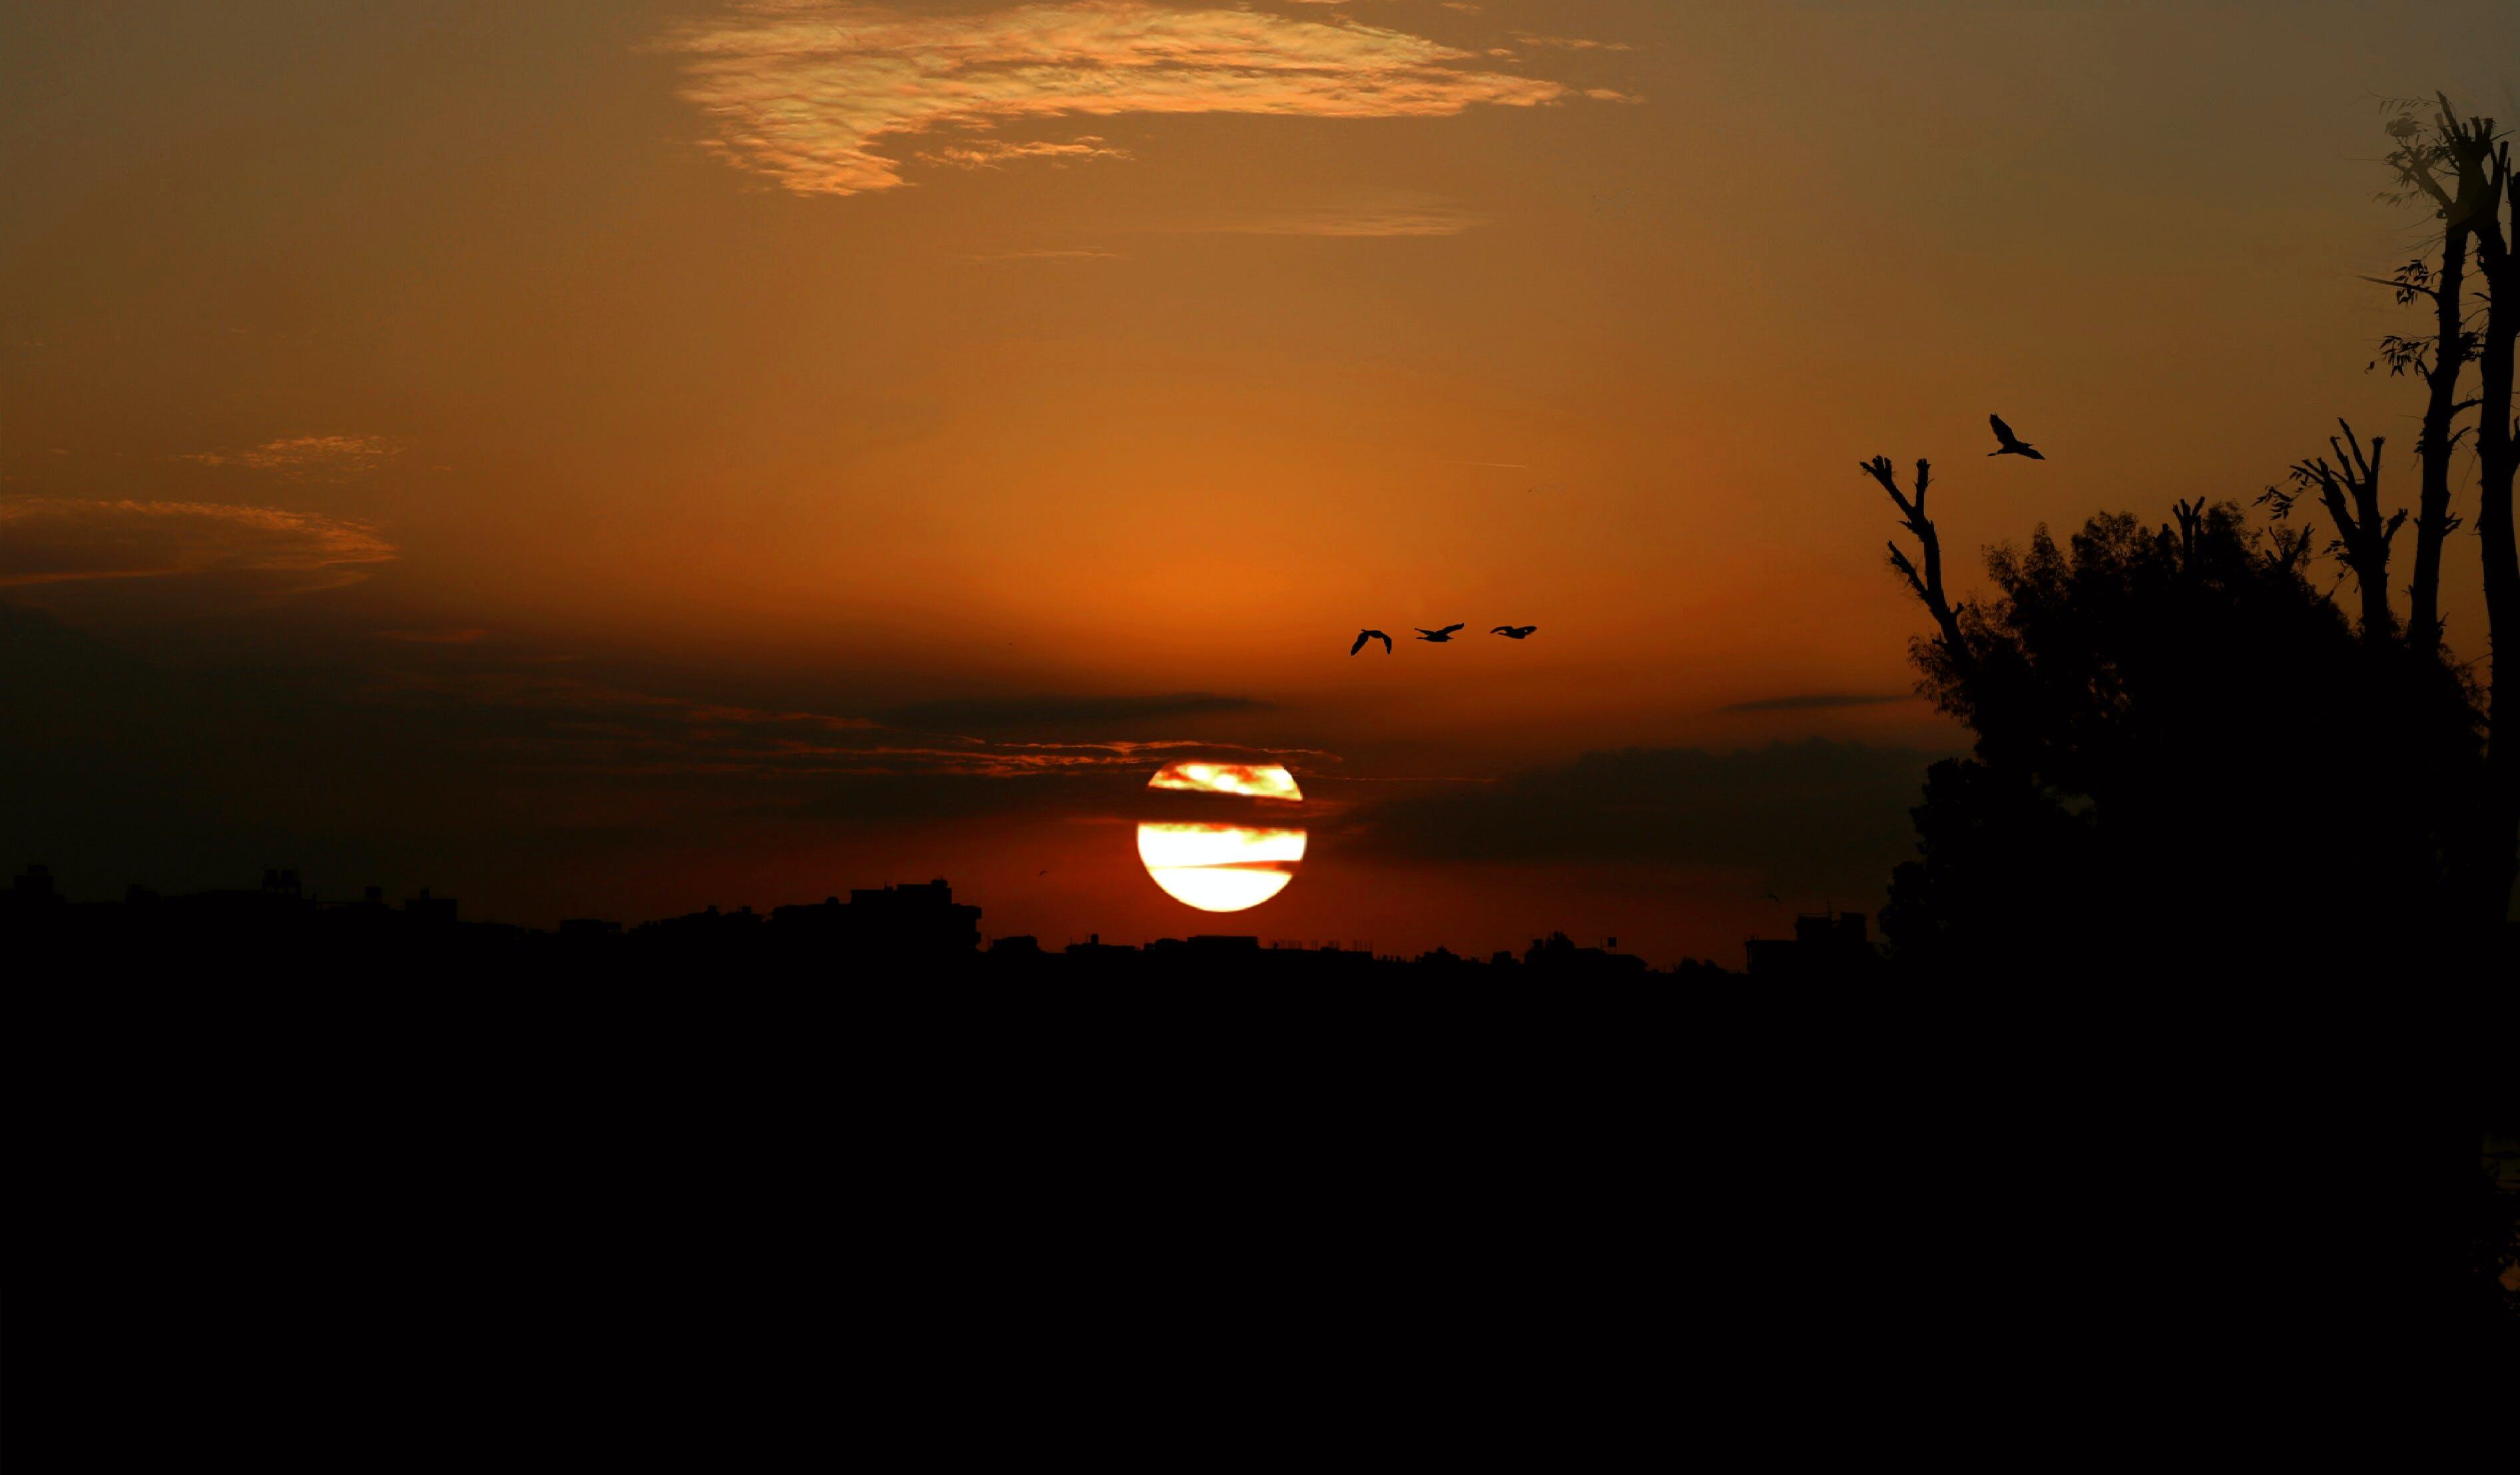 Δωρεάν στοκ φωτογραφιών με Ανατολή ηλίου, αυγή, γραφικός, δέντρο